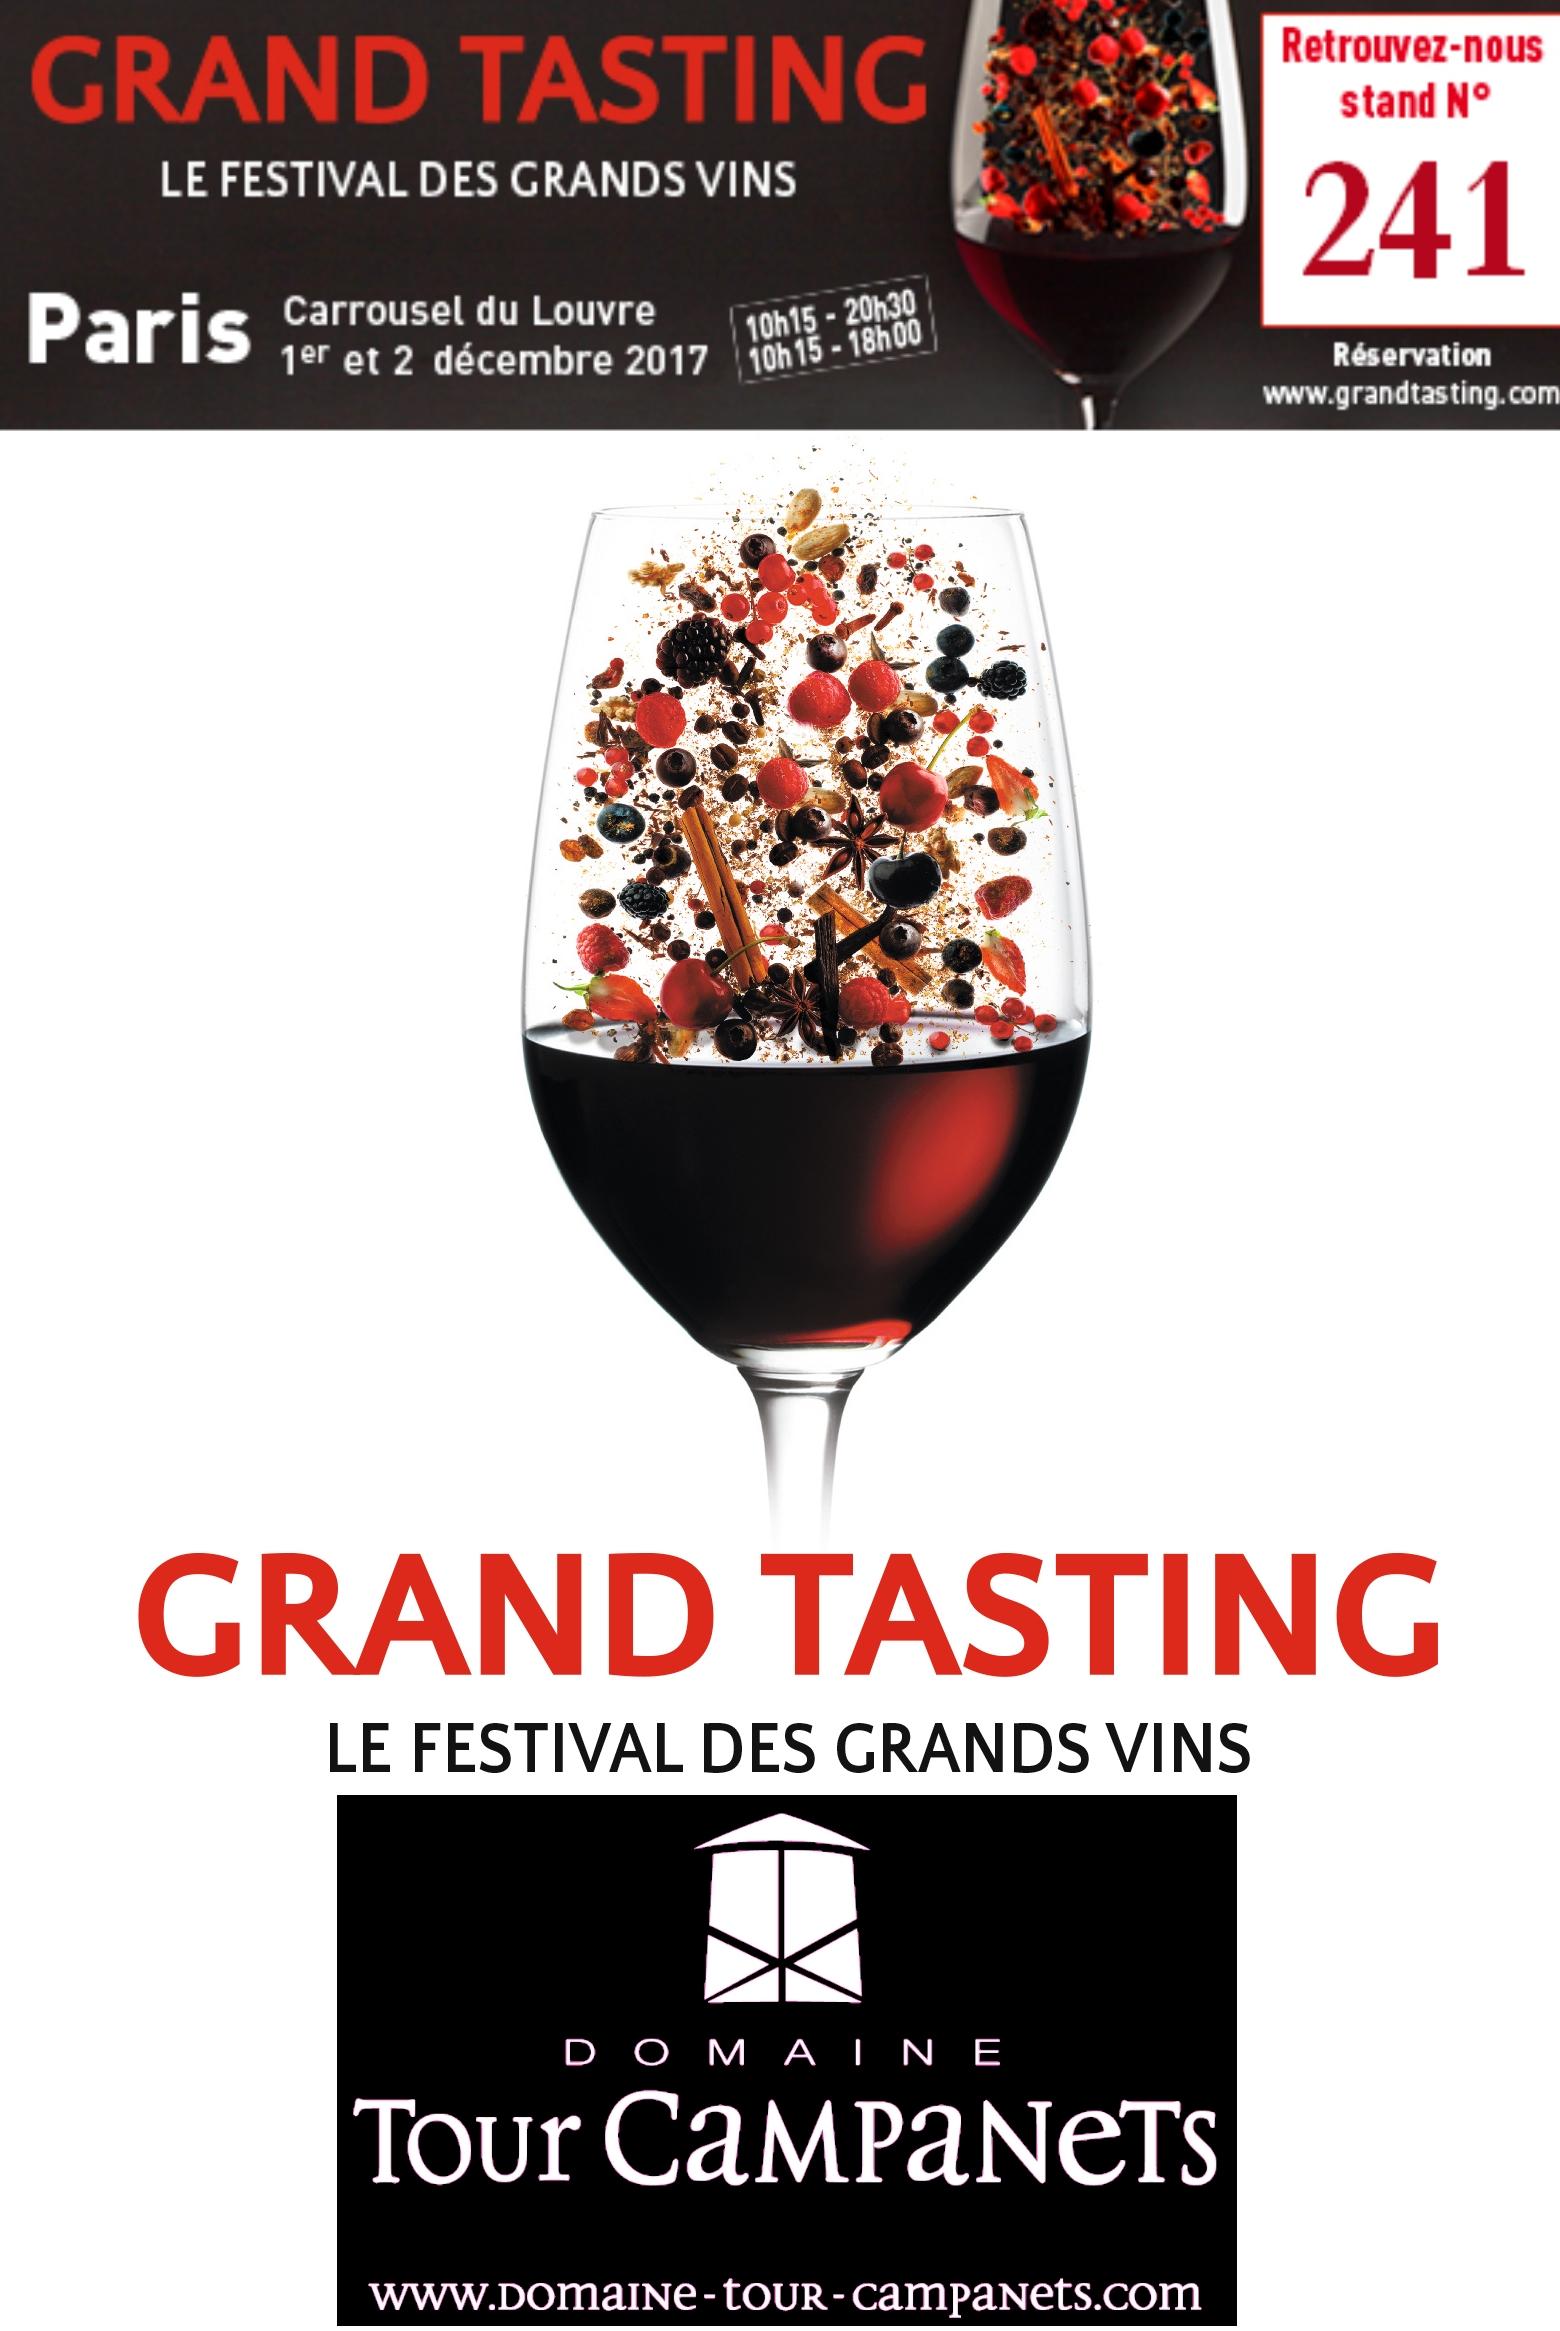 Retrouvez nous le 01 et 02 décembre 2017 au Caroussel du Louvre pour le Grand Tasting sur notre stand n° 241 (Salon réservé aux professionnels)